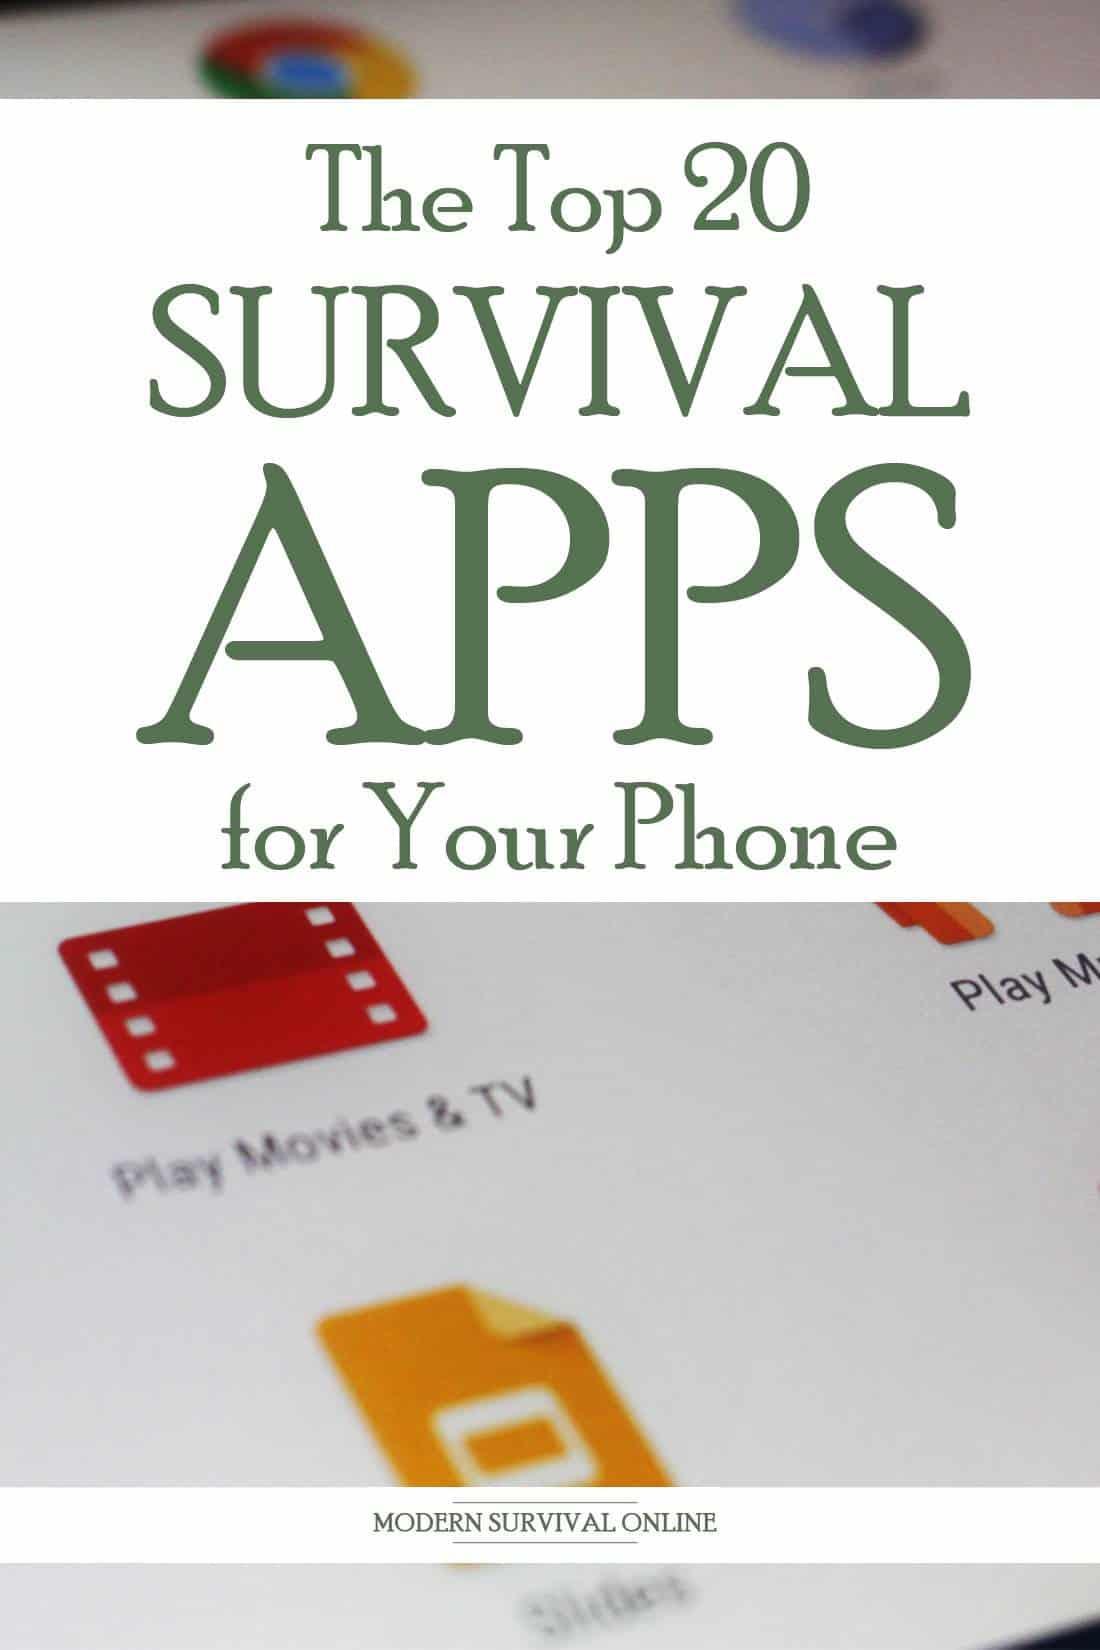 survival apps Pinterest